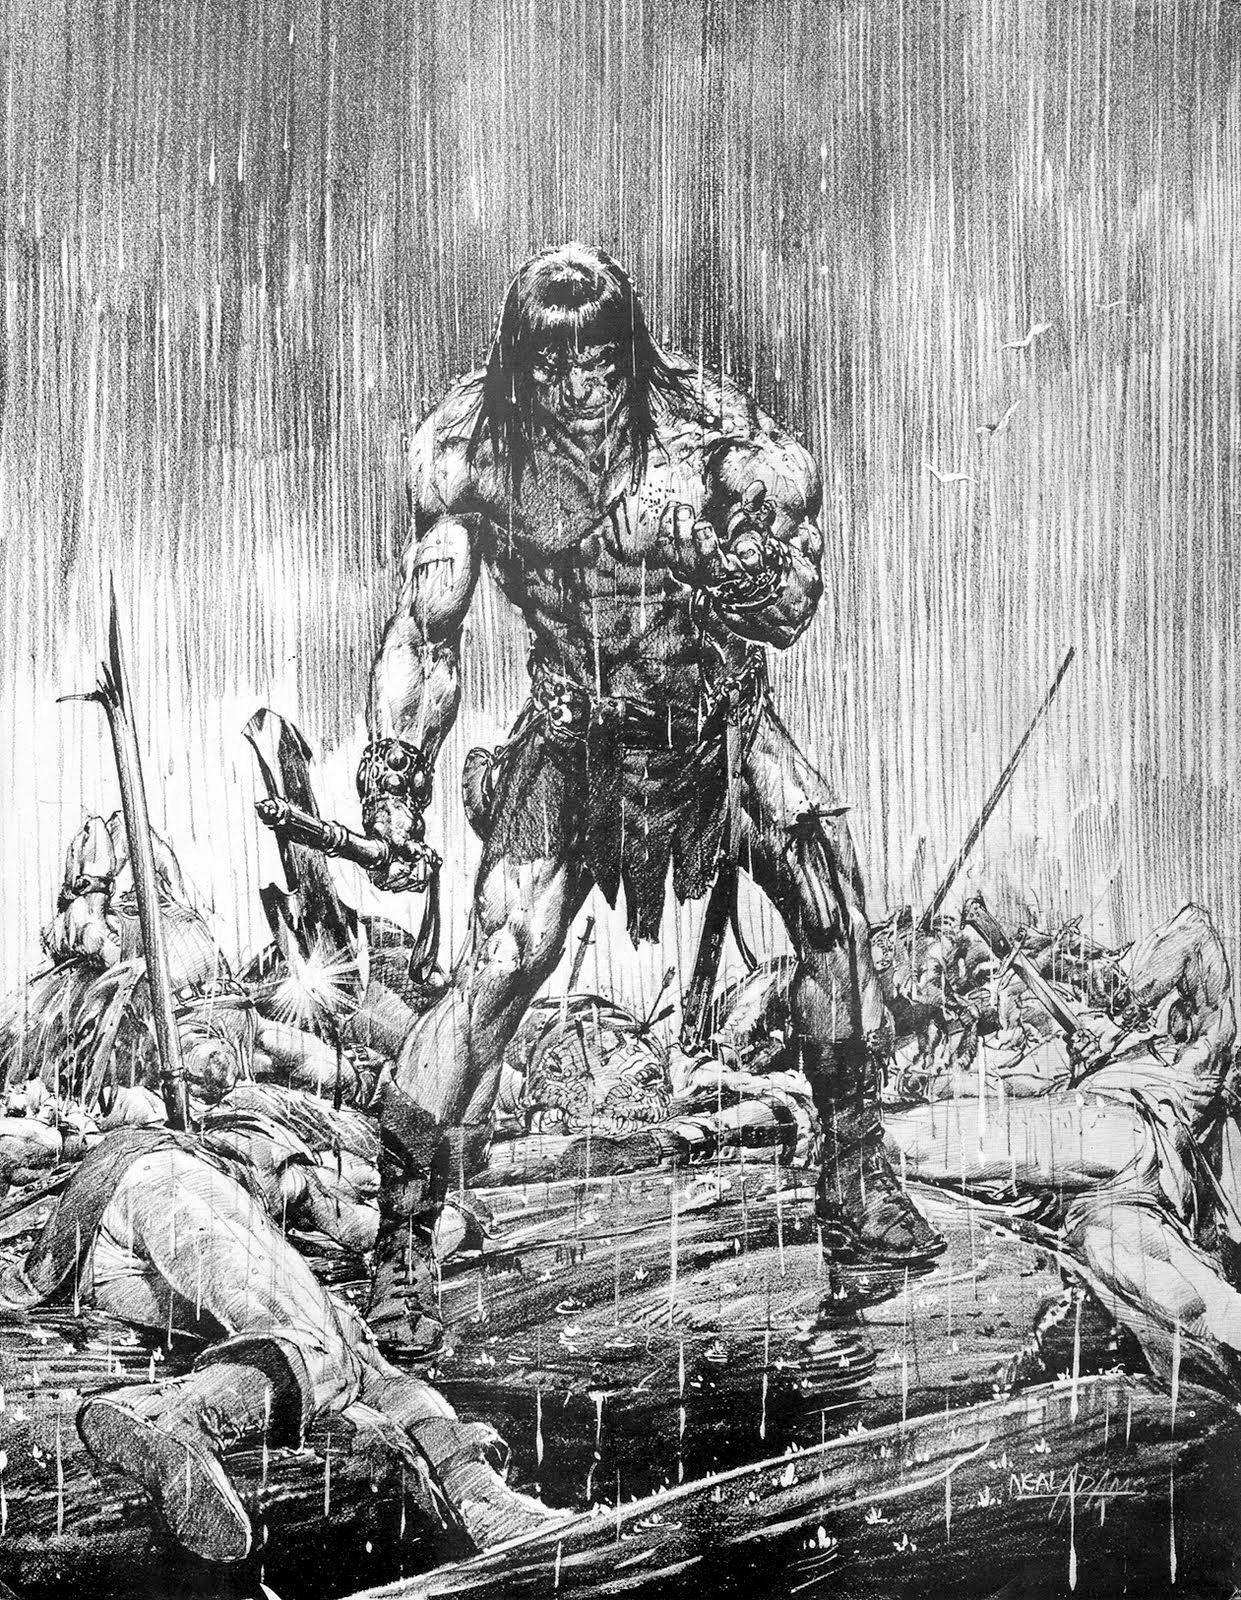 El arte del comic y la ilustración Next